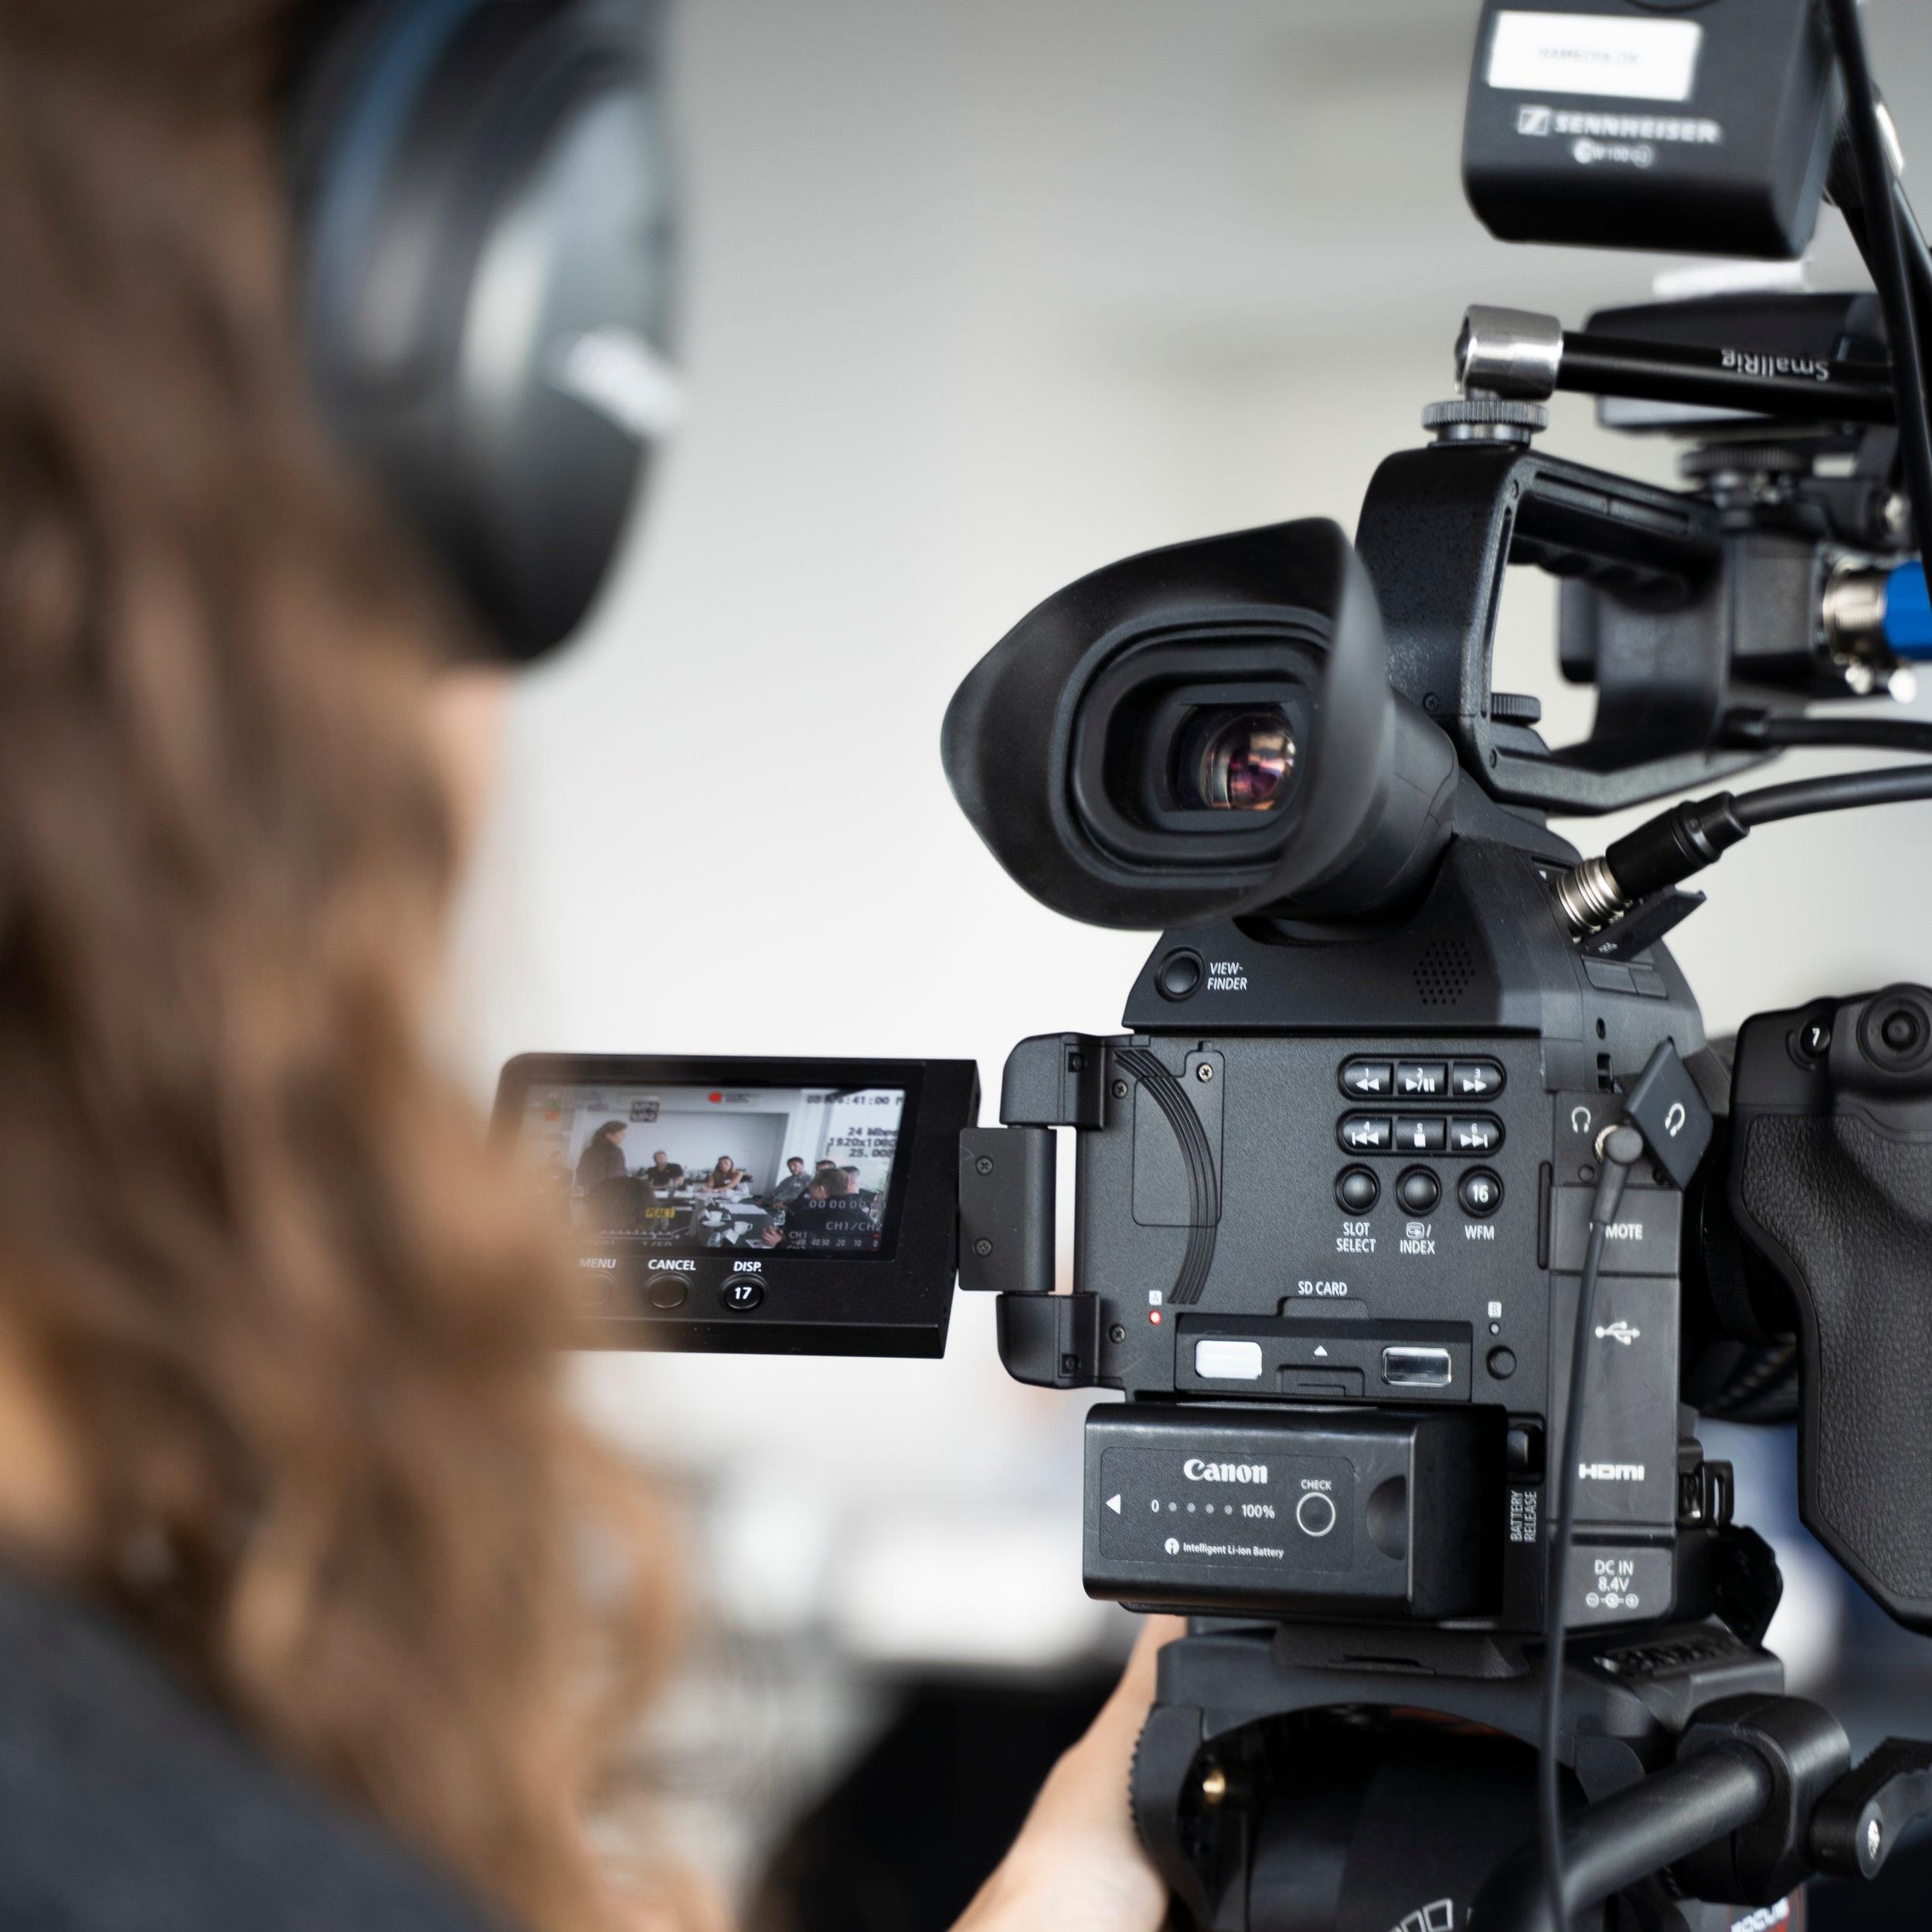 Videograf - I mangler en til at lave selve optagelserne dvs. sætte lys, filme og lave lyd. I har selv skrevet manus/spørgsmål til interview, fundet et lokale og personer der skal være med. I står selv for at interviewe på dagen og efterfølgende at klippe materialet.